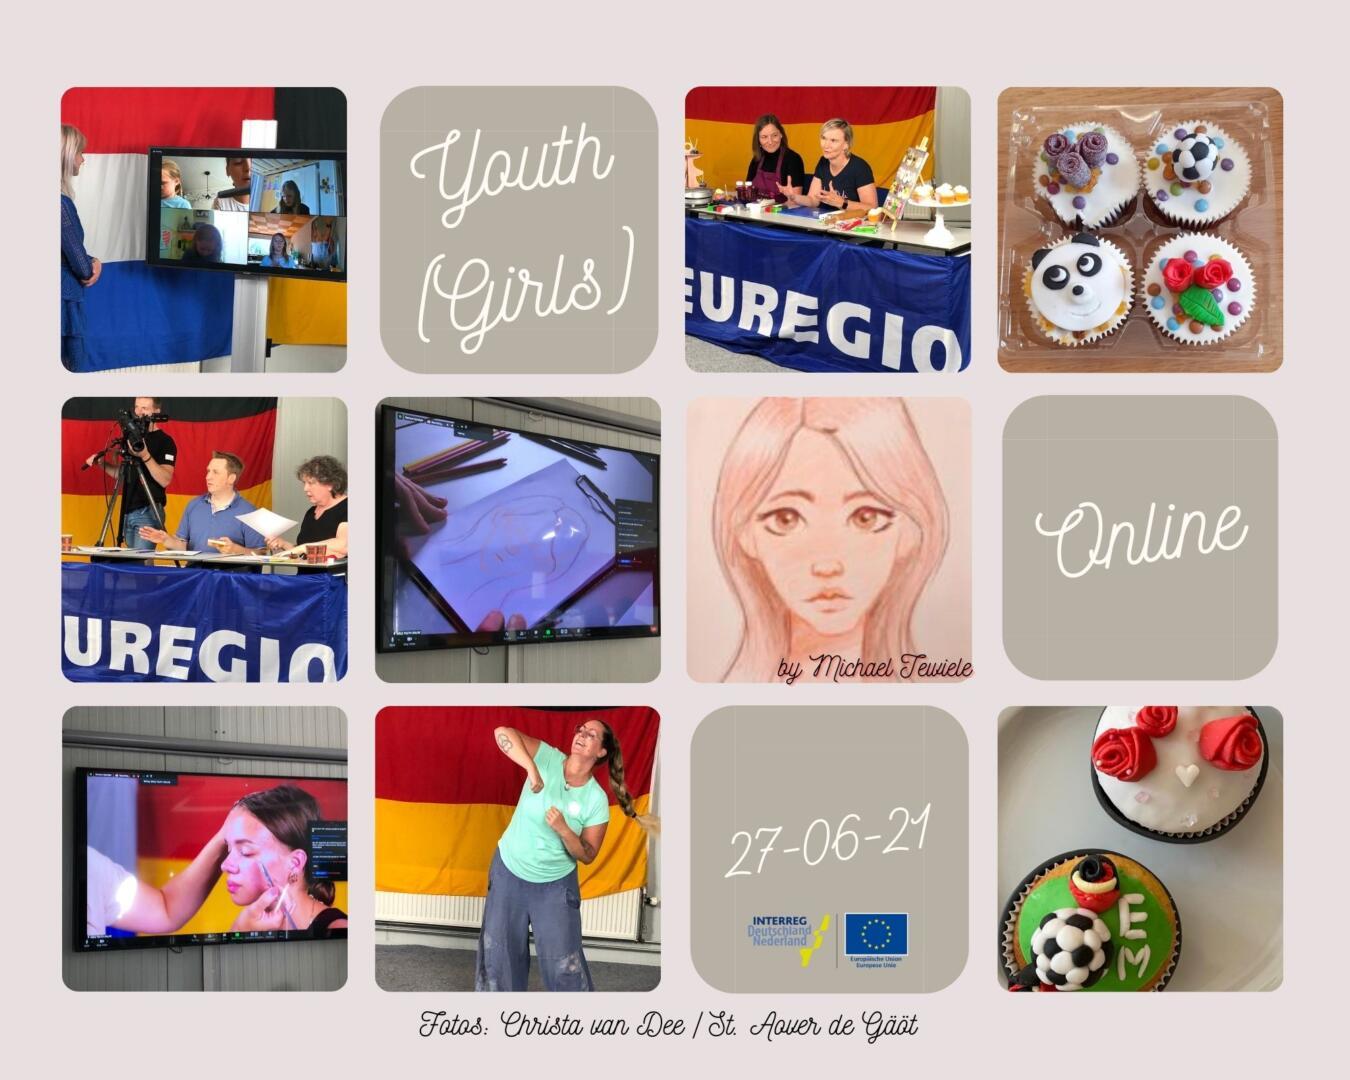 YOUTH_(GIRLS)_ONLINE_-_Virtuele_workshops_in_het_kader_van_de_grensoverschrijdende_ontmoetingsdag_-_©Christa_van_Dee_Stichting_Aover_de_gäöt